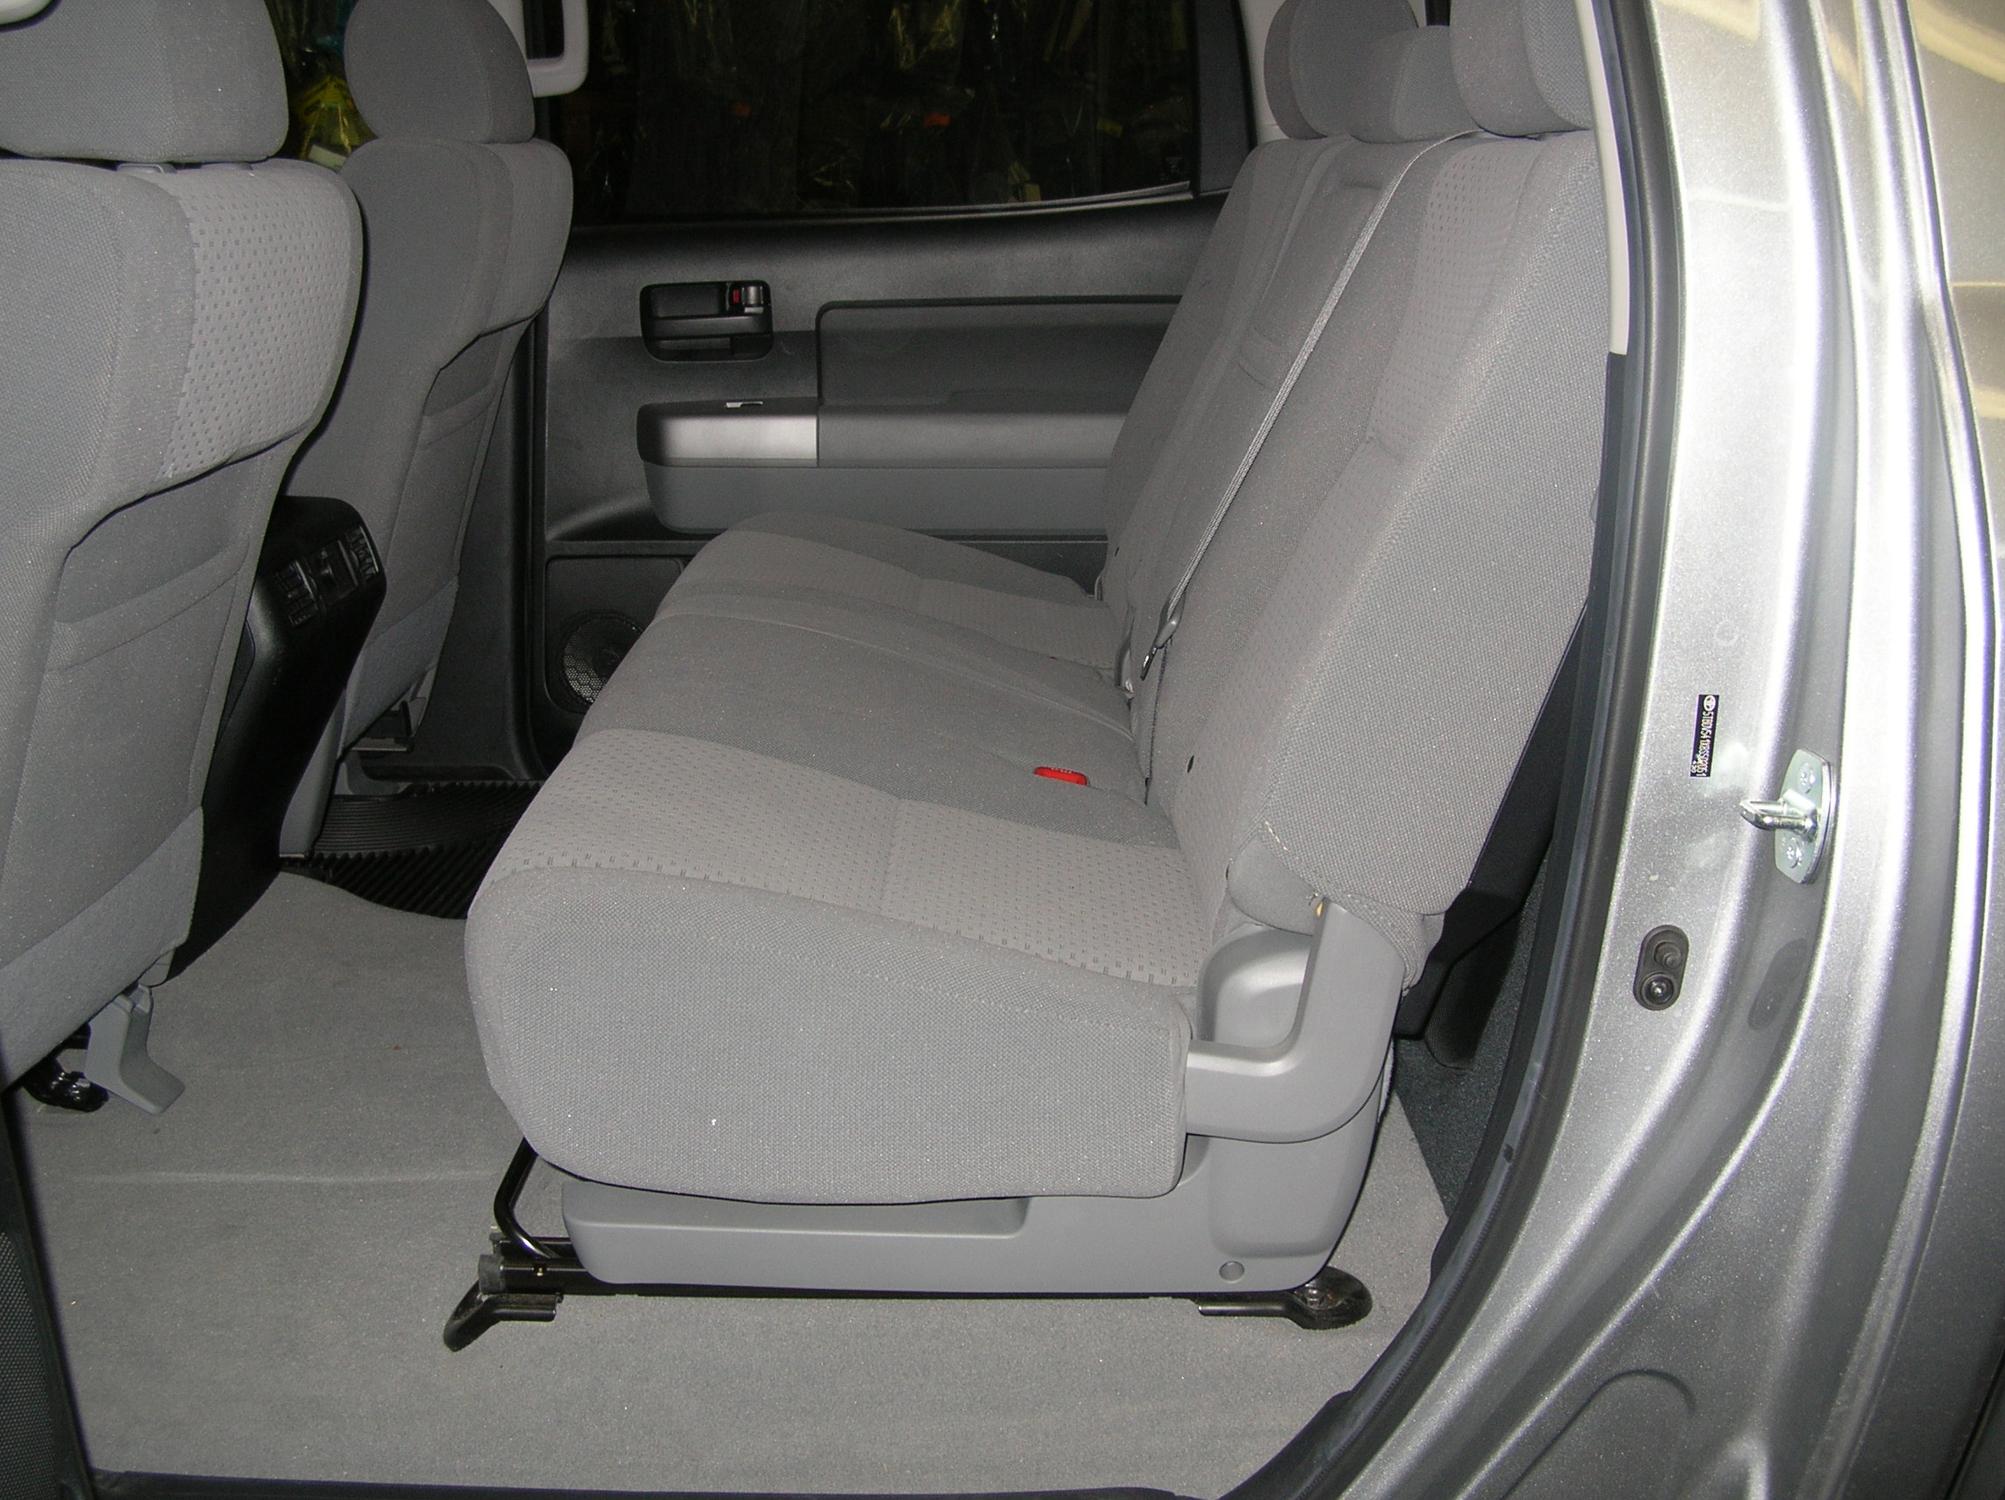 2008 Toyota Tundra Crewmax Build Santa Fe Auto Sound Vw Gti Fuse Box And Discription Entry 5